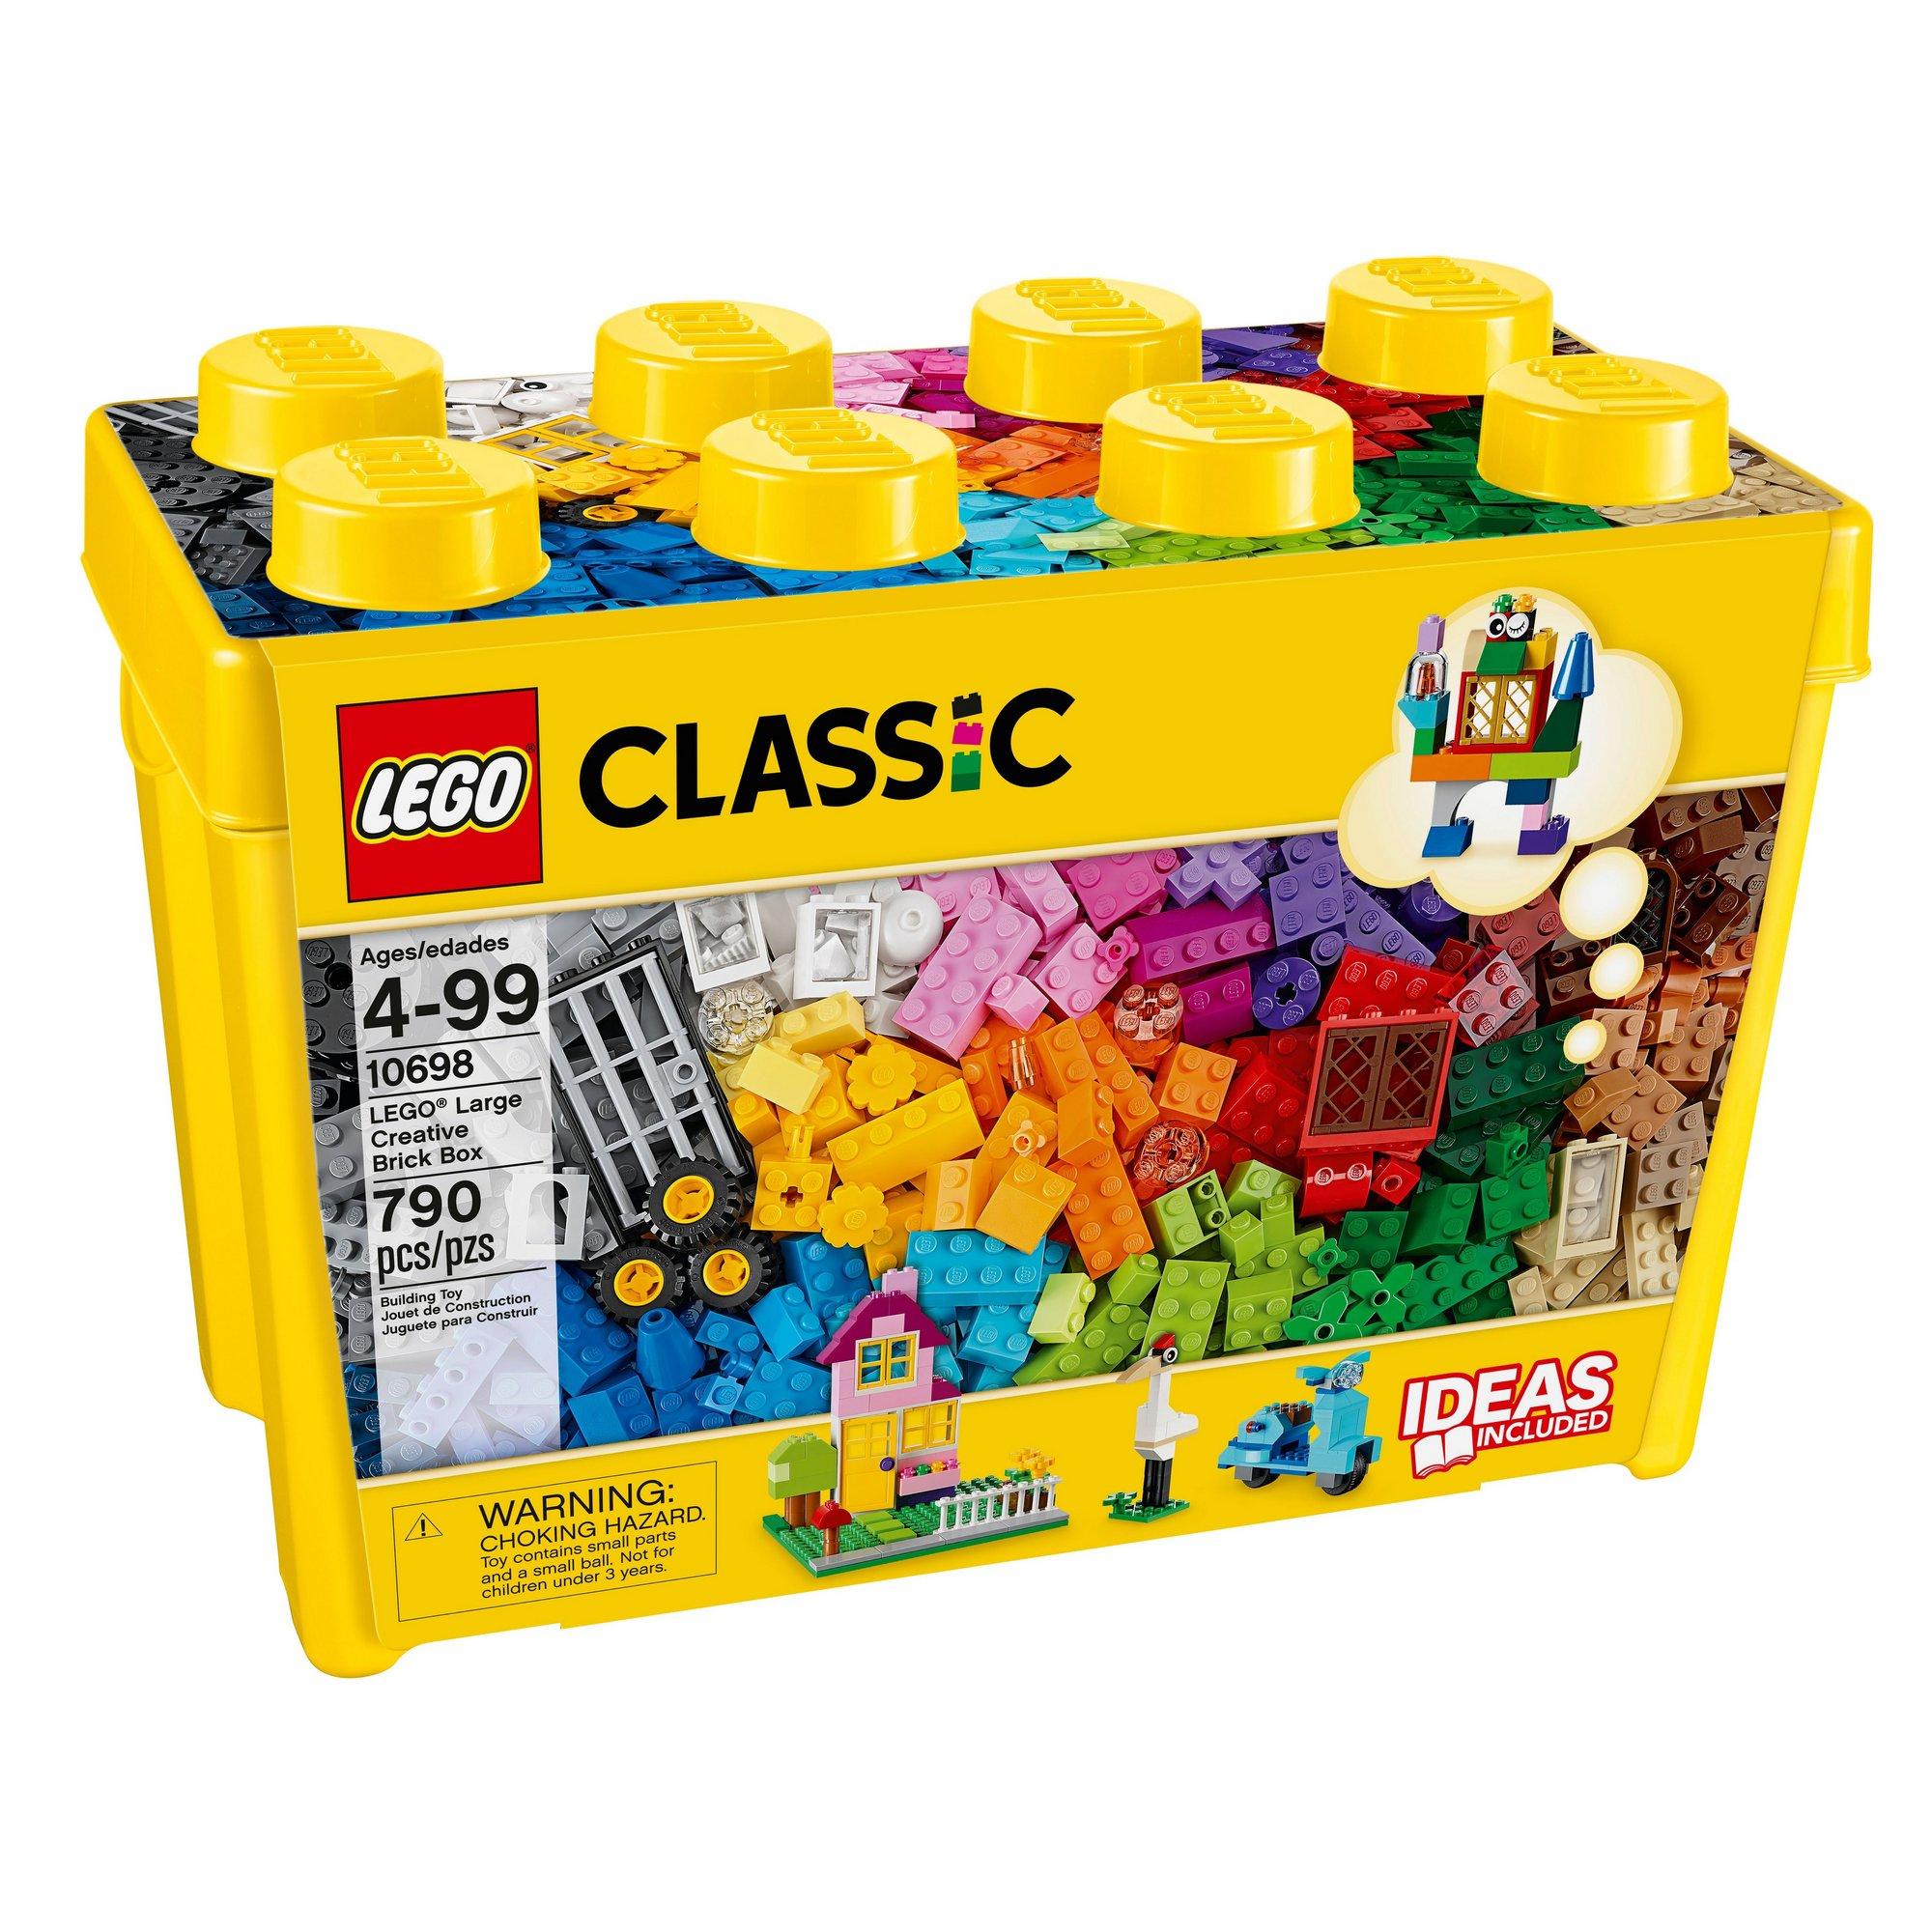 Image of LEGO Classic Large Creative Brick Box